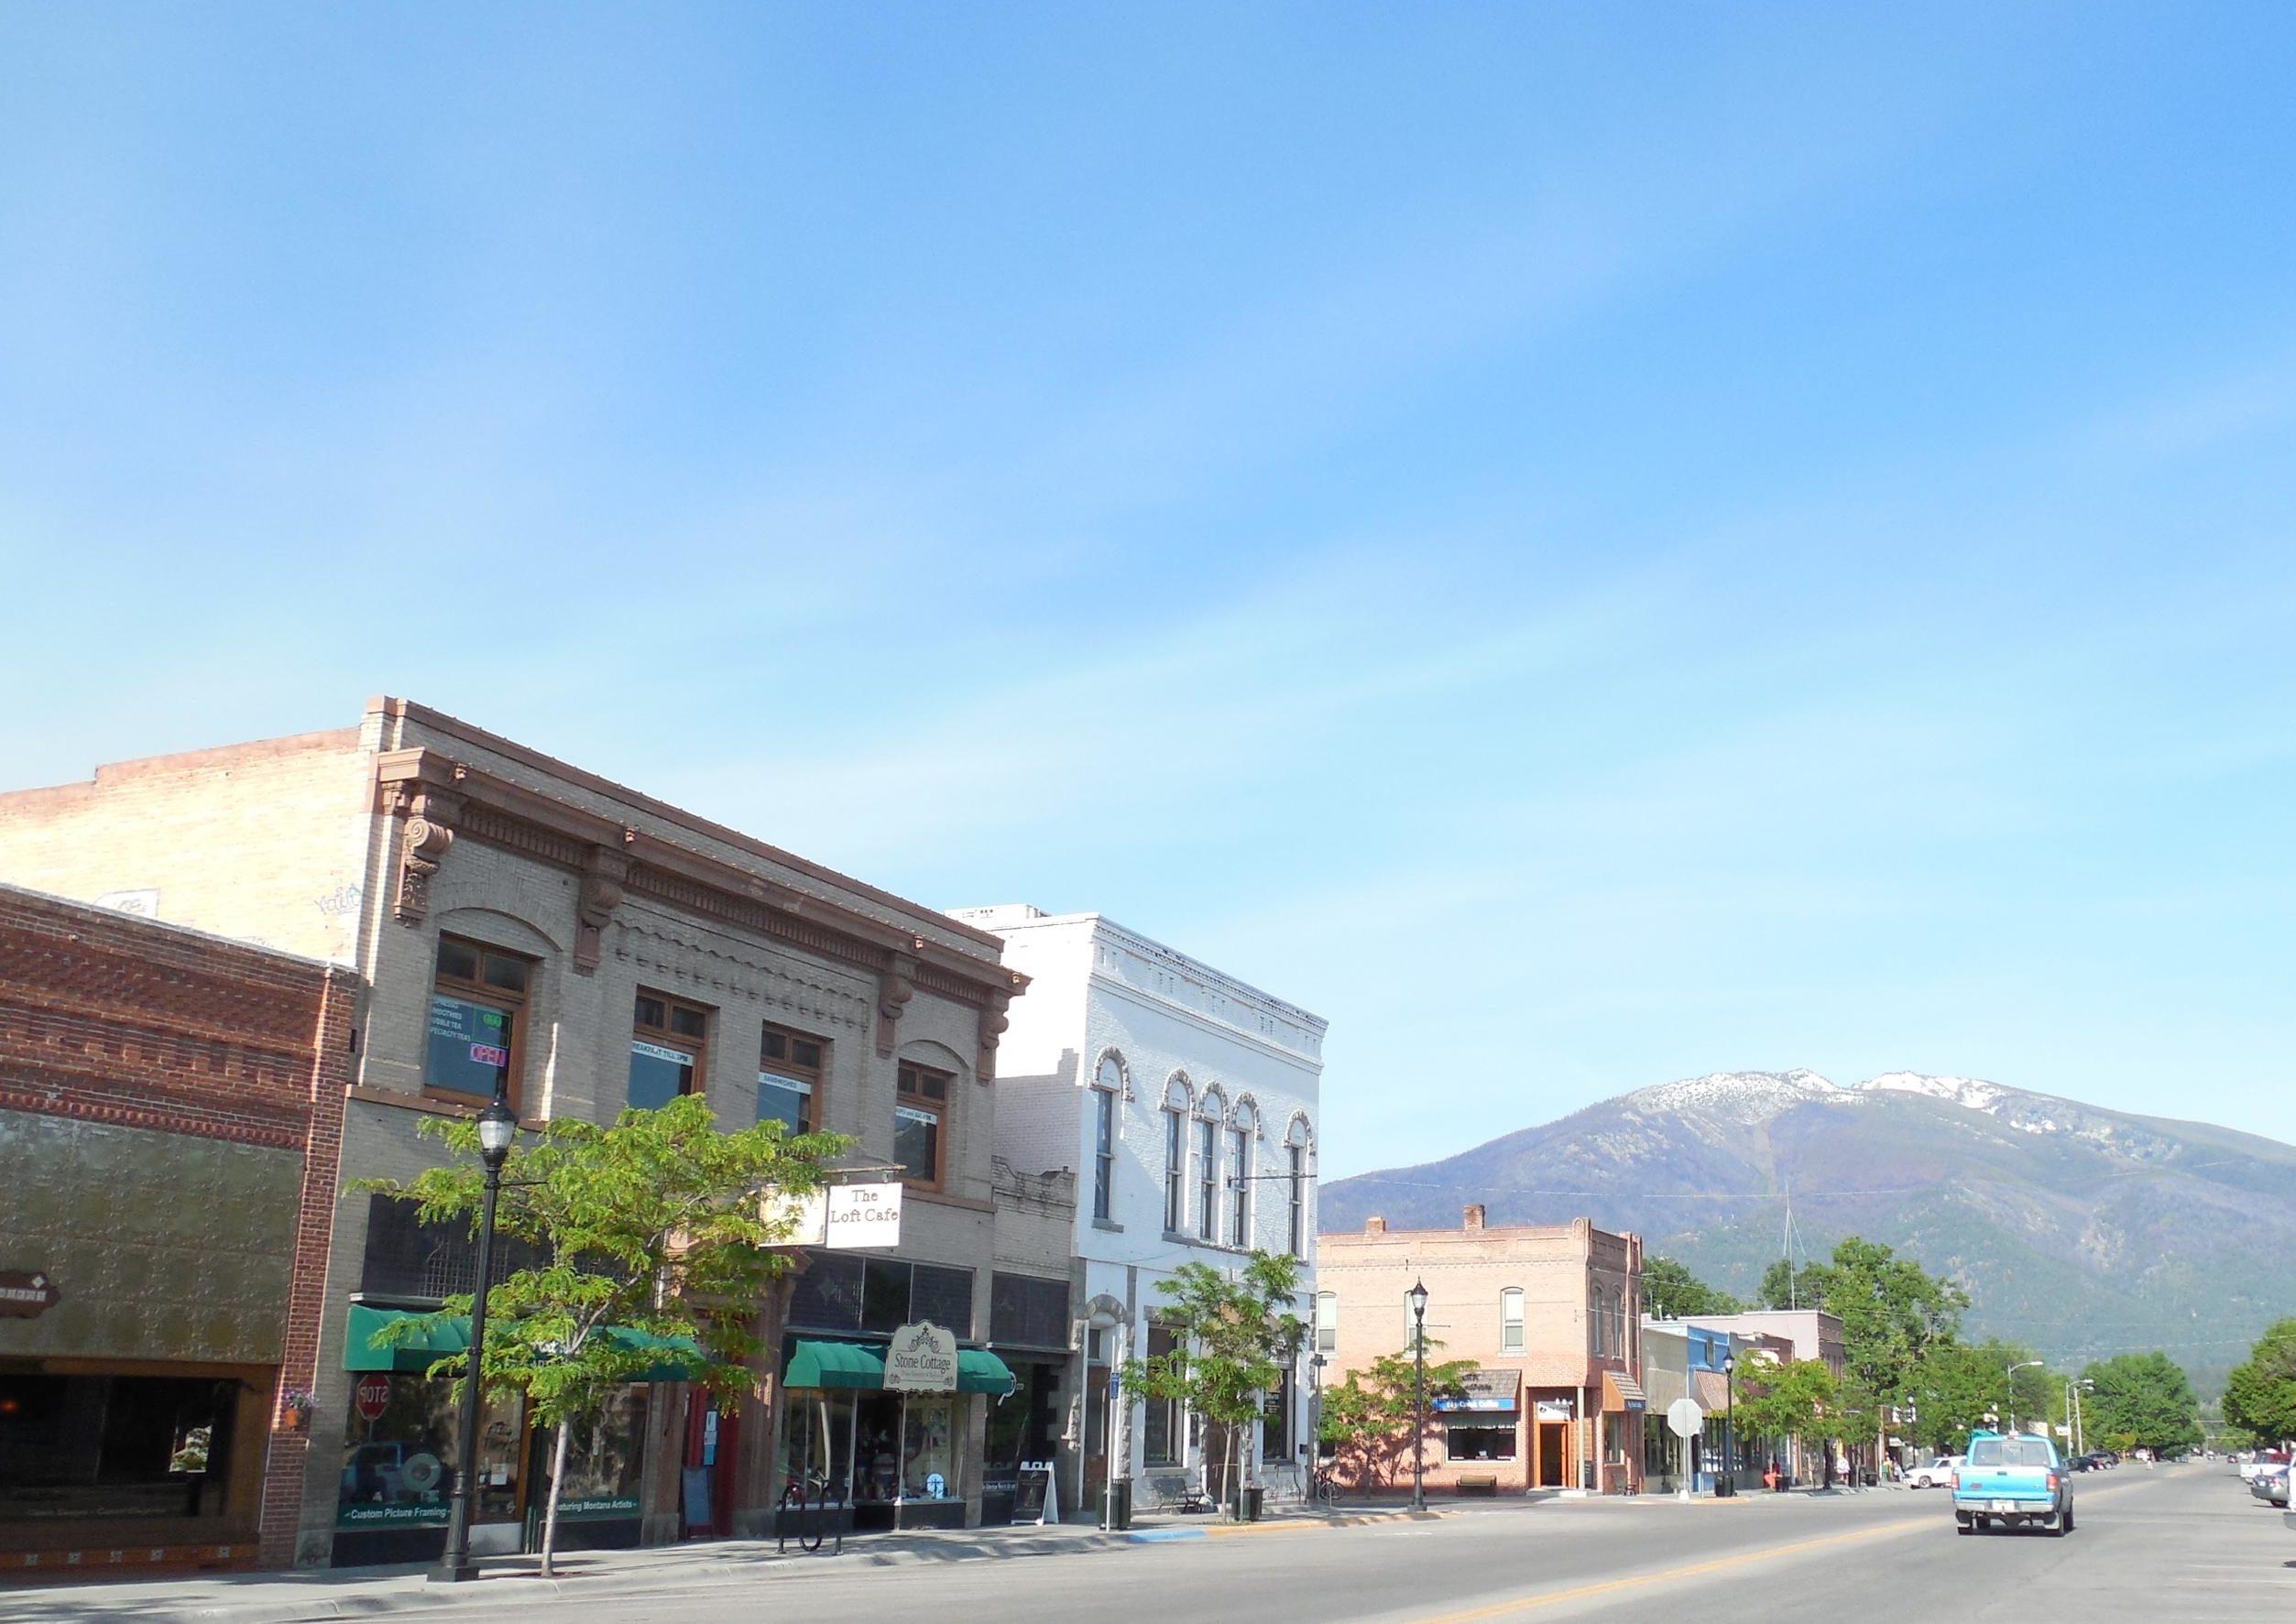 Photo: Downtown Hamilton, Mont.